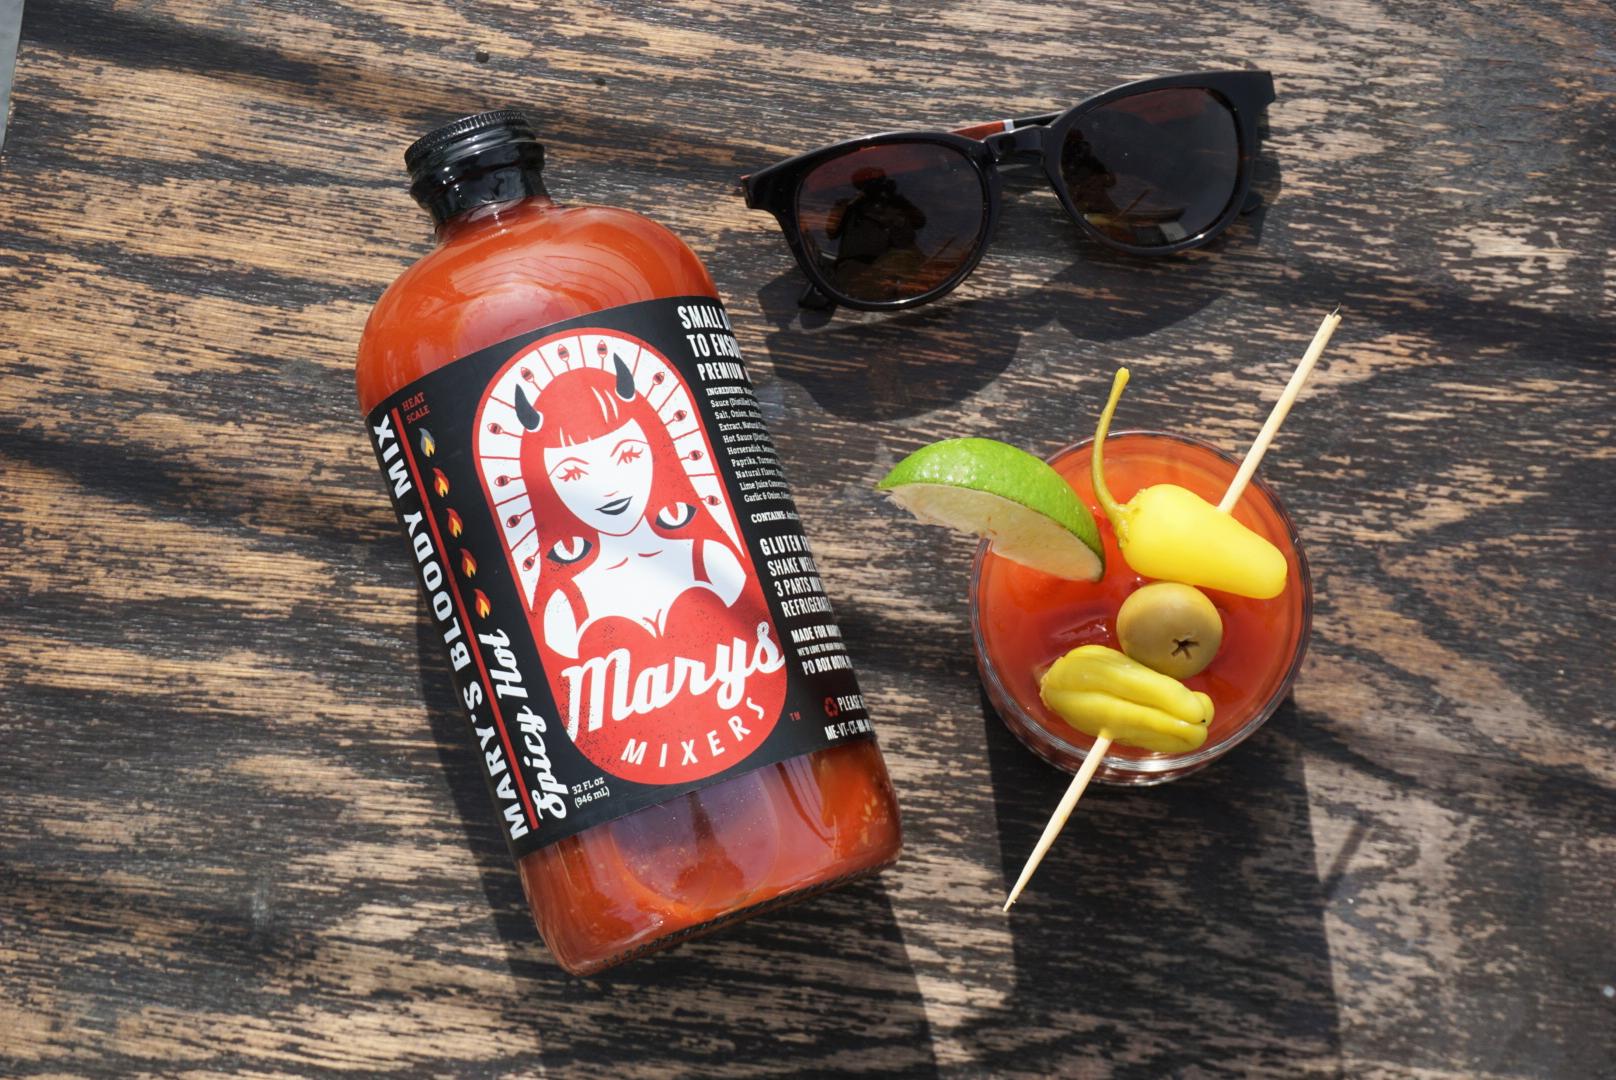 Sunny Days with Mary's Mixers